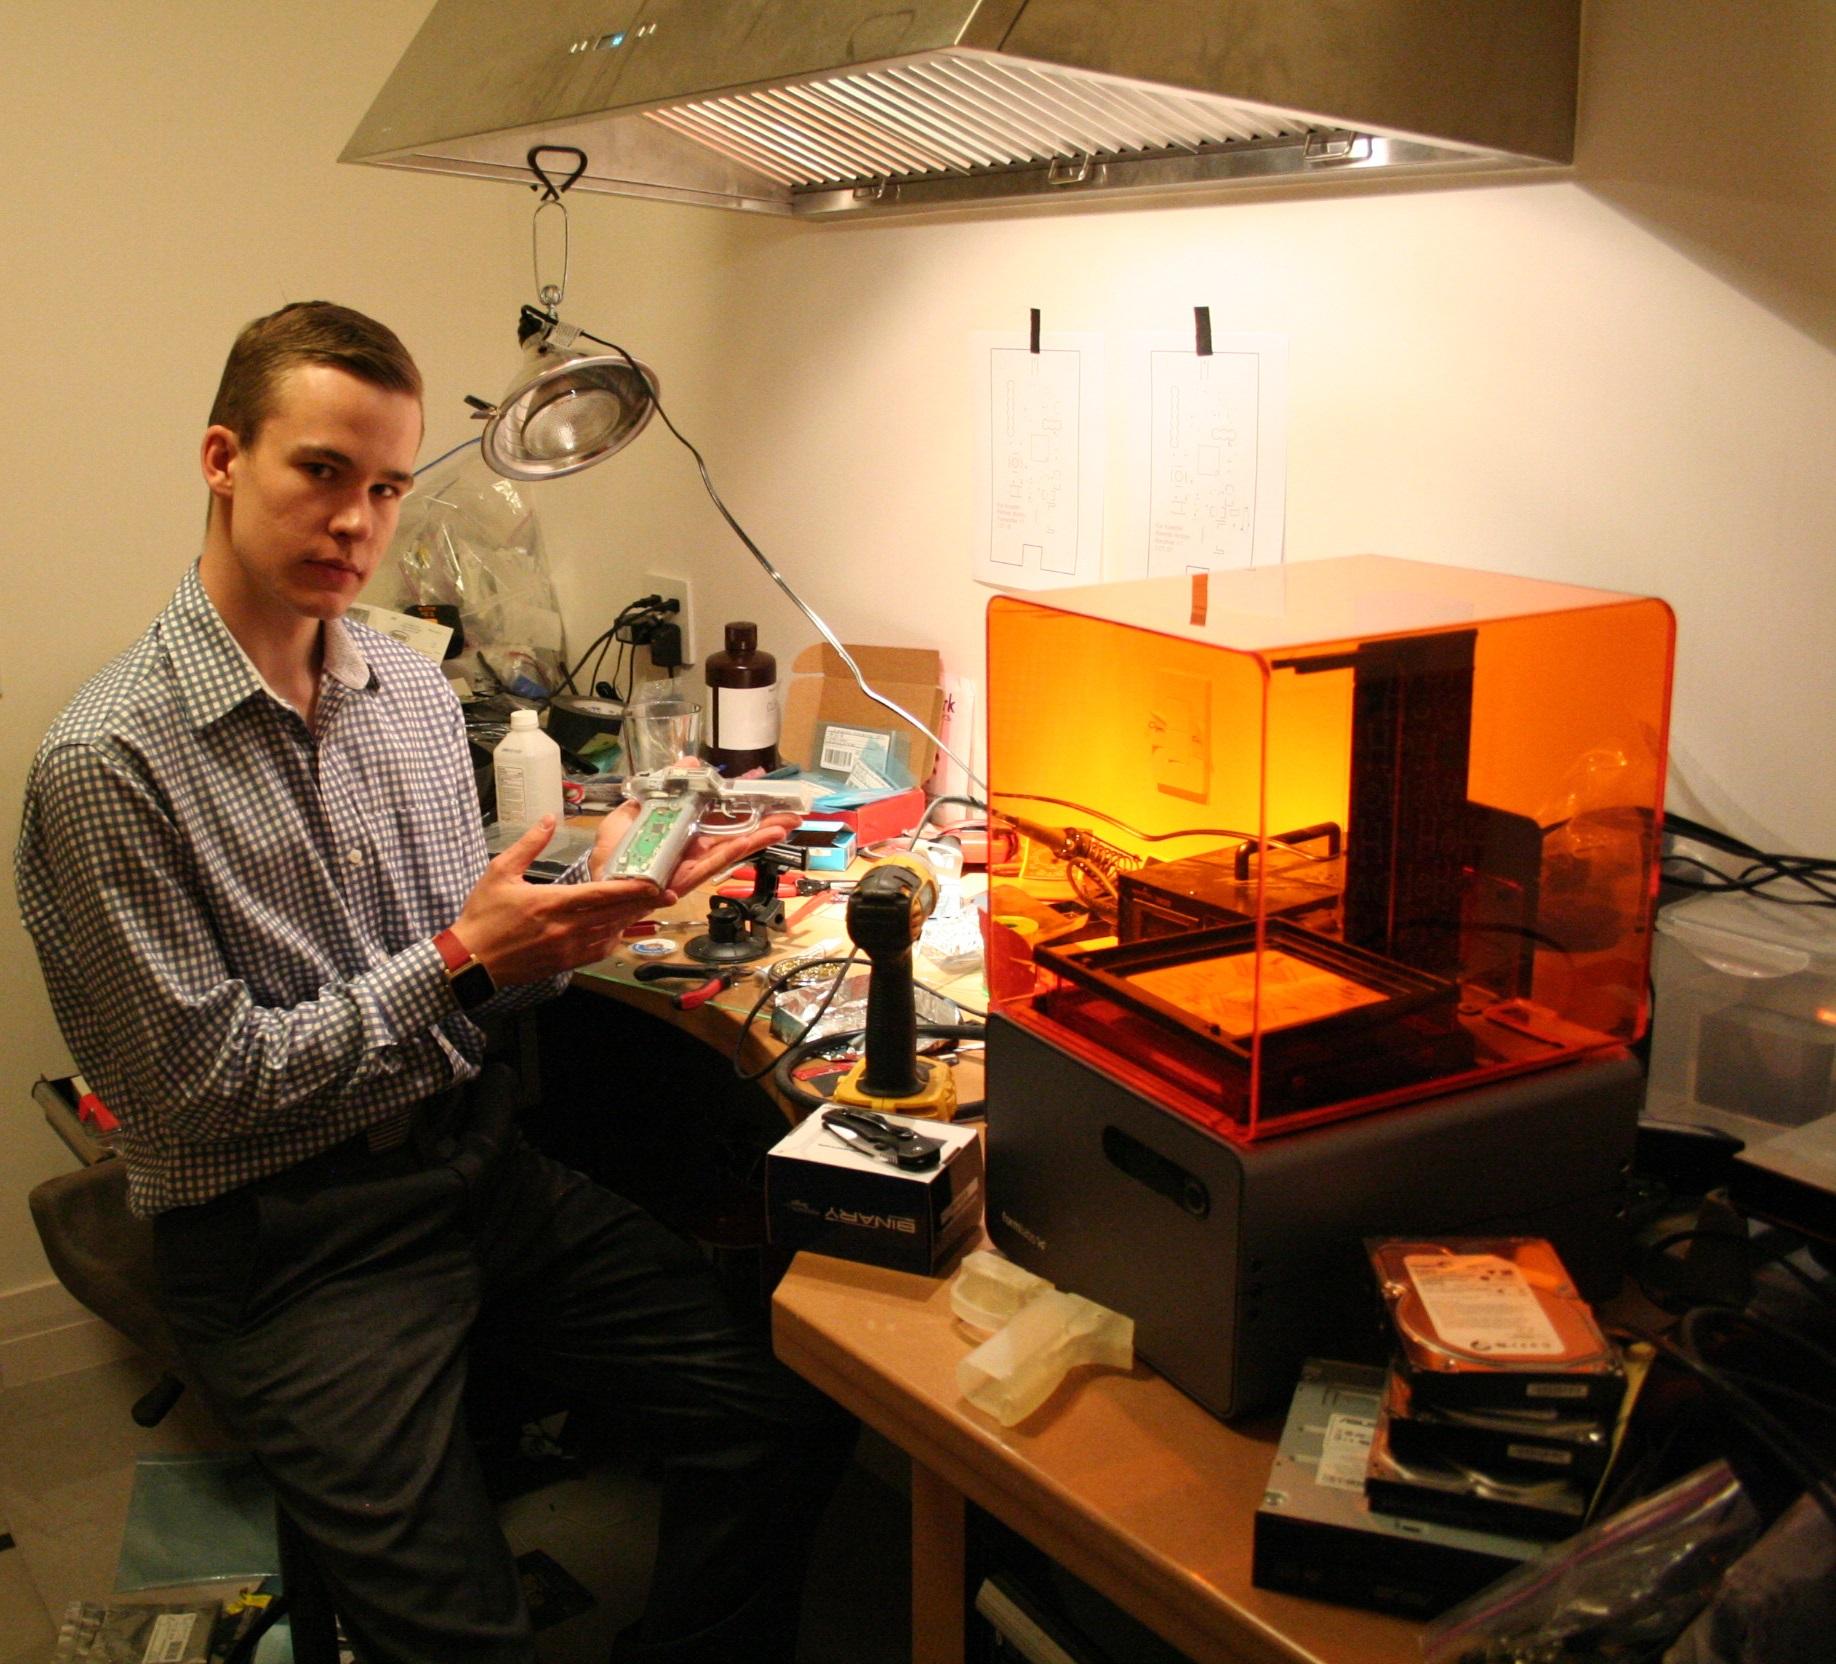 """Kai Kloepfer in zijn werkplaats in het huis van zijn ouders in Colorado. Foto Hans Klis"""" width=""""2496"""" height=""""1664"""" class=""""size-full wp-image-539"""" /></a> Kai Kloepfer in zijn werkplaats in het huis van zijn ouders in Colorado. Foto Hans Klis"""